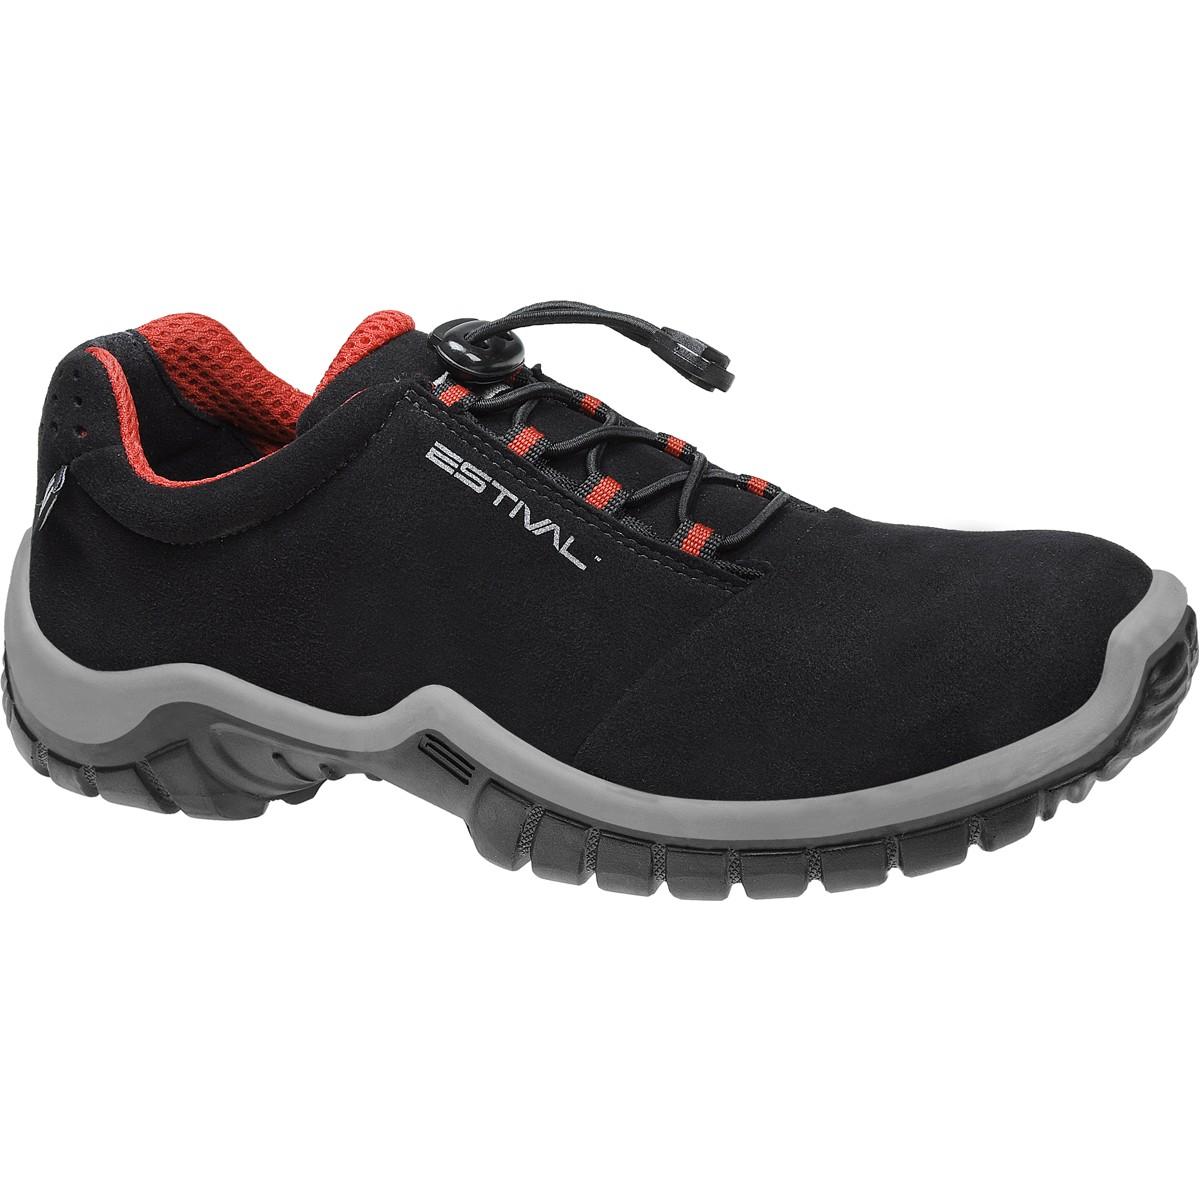 Sapato de Segurança Com Bico Composite Em Microfibra Cor Preta e Vermelho Estival Modelo EN1002 3S2 CA 33944